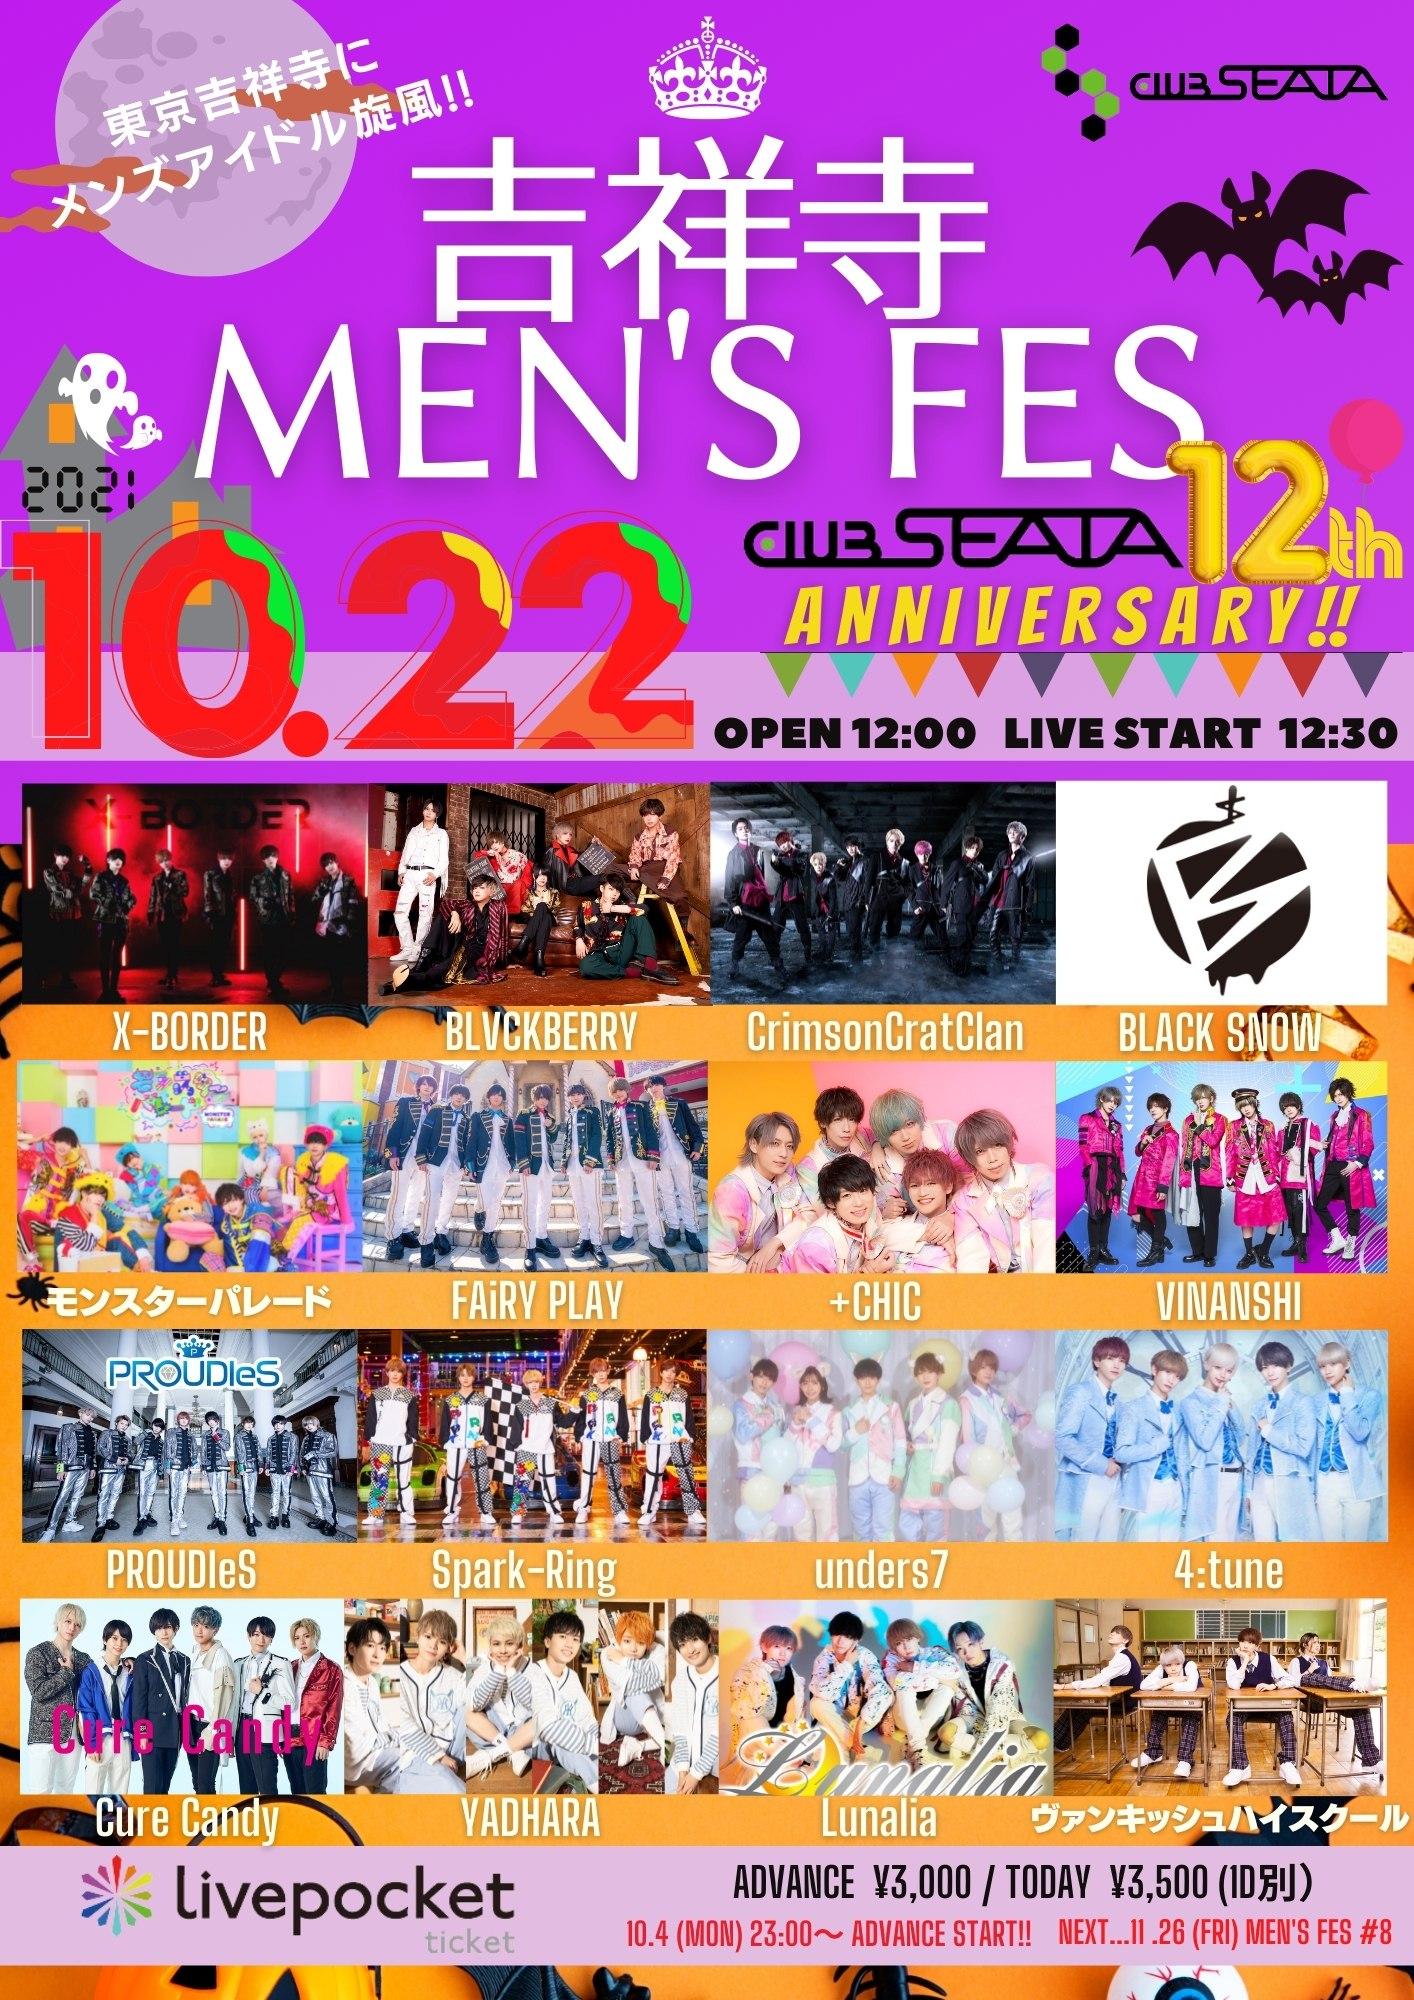 吉祥寺 Men'sFES#7 × CLUB SEATA 12thANNIVERSARY